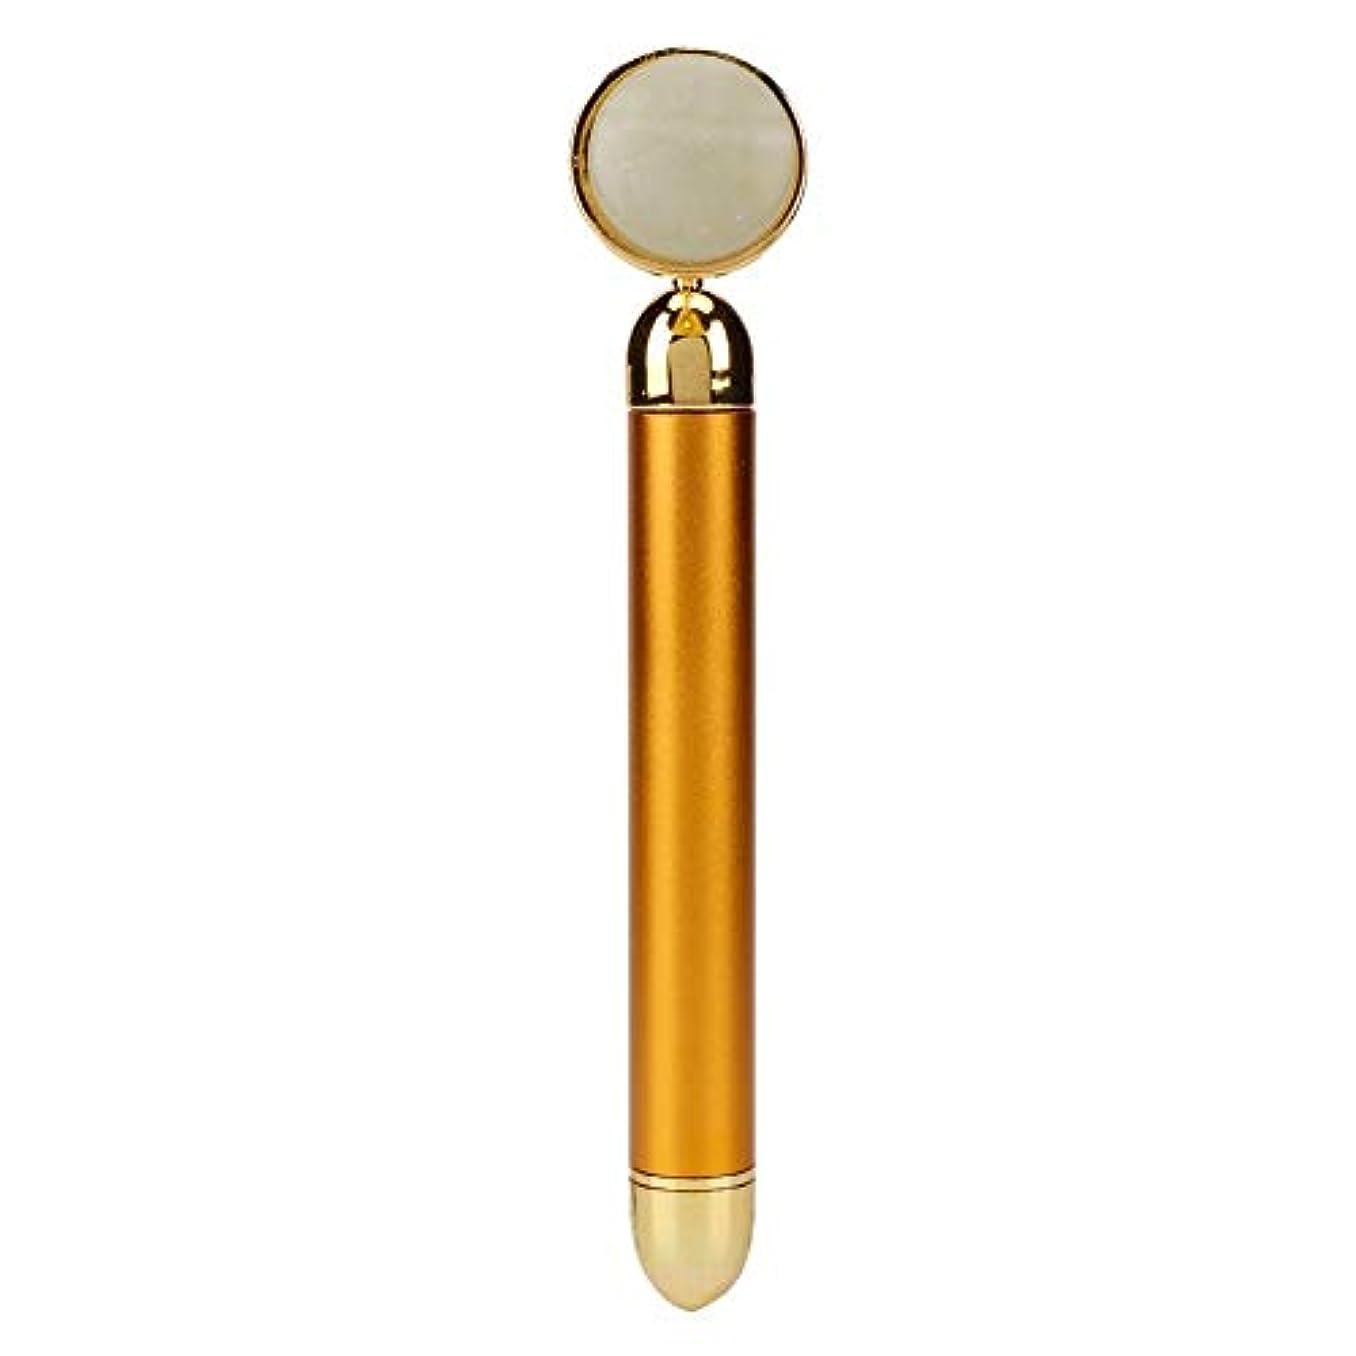 クール非互換ペグ美容マッサージスティック24Kゴールドグリーンジェイドマッサージャー3Dローラーフェイスリフティングアームマイクロノーズヘッドスキンタイトニングツール用電気マイクロ振動ビューティーバーインスツルメント